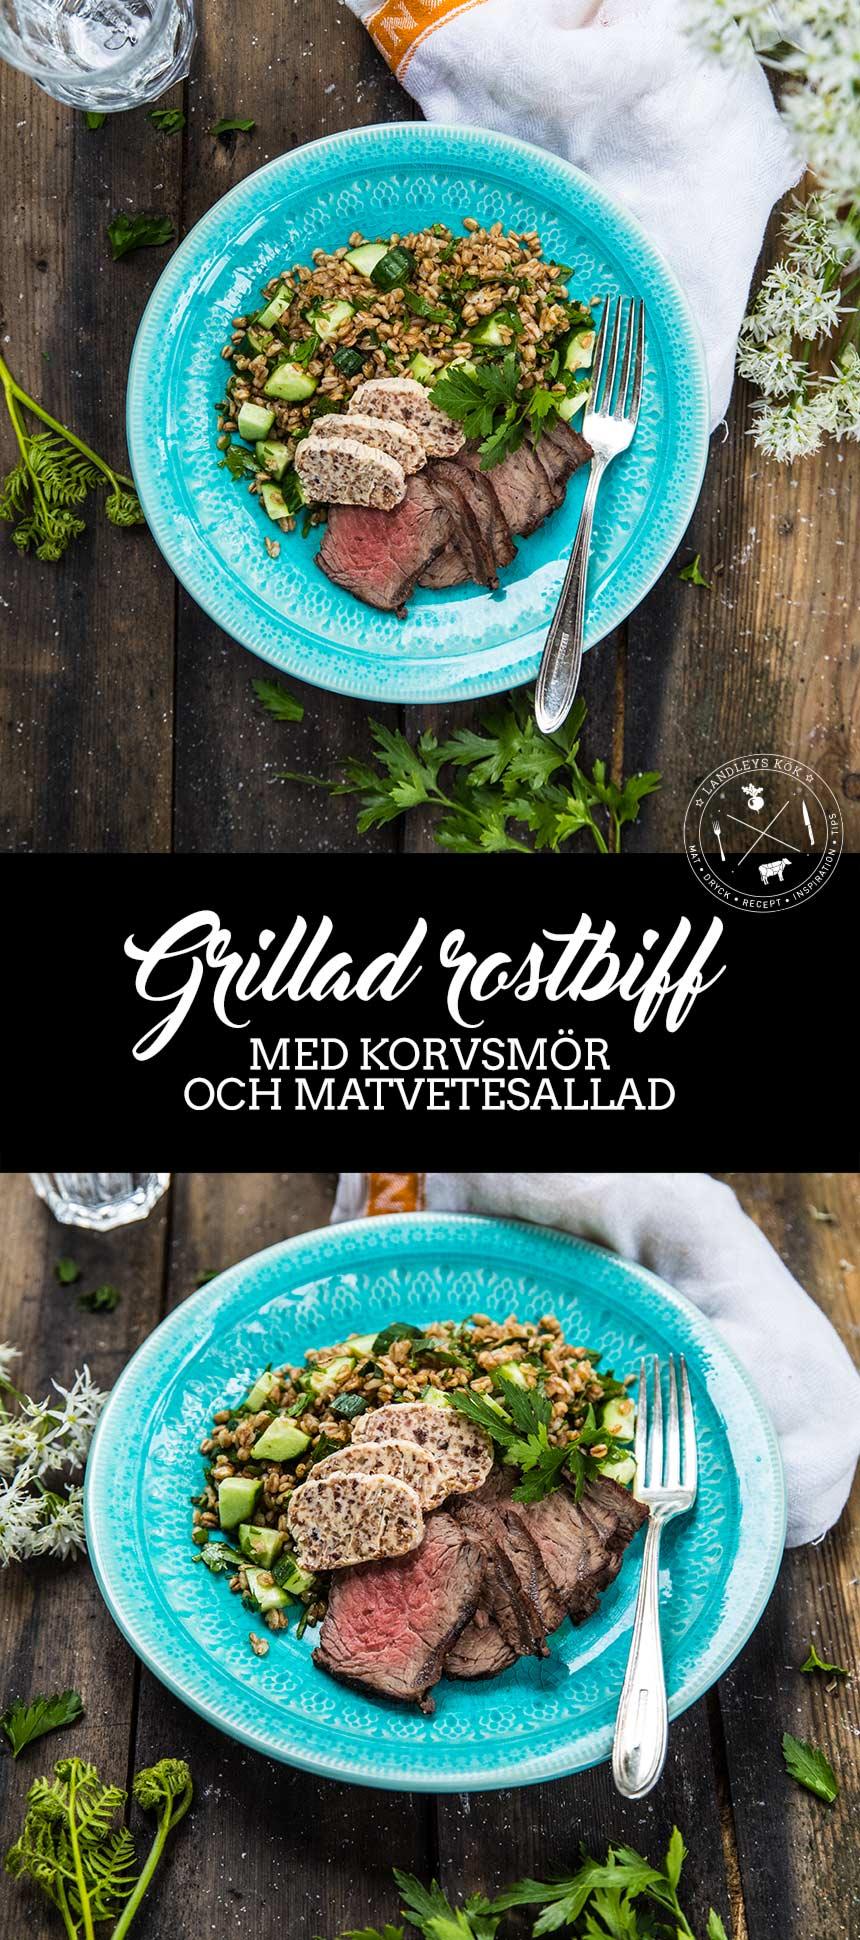 Grillad rostbiff med korvsmör och matvetesallad